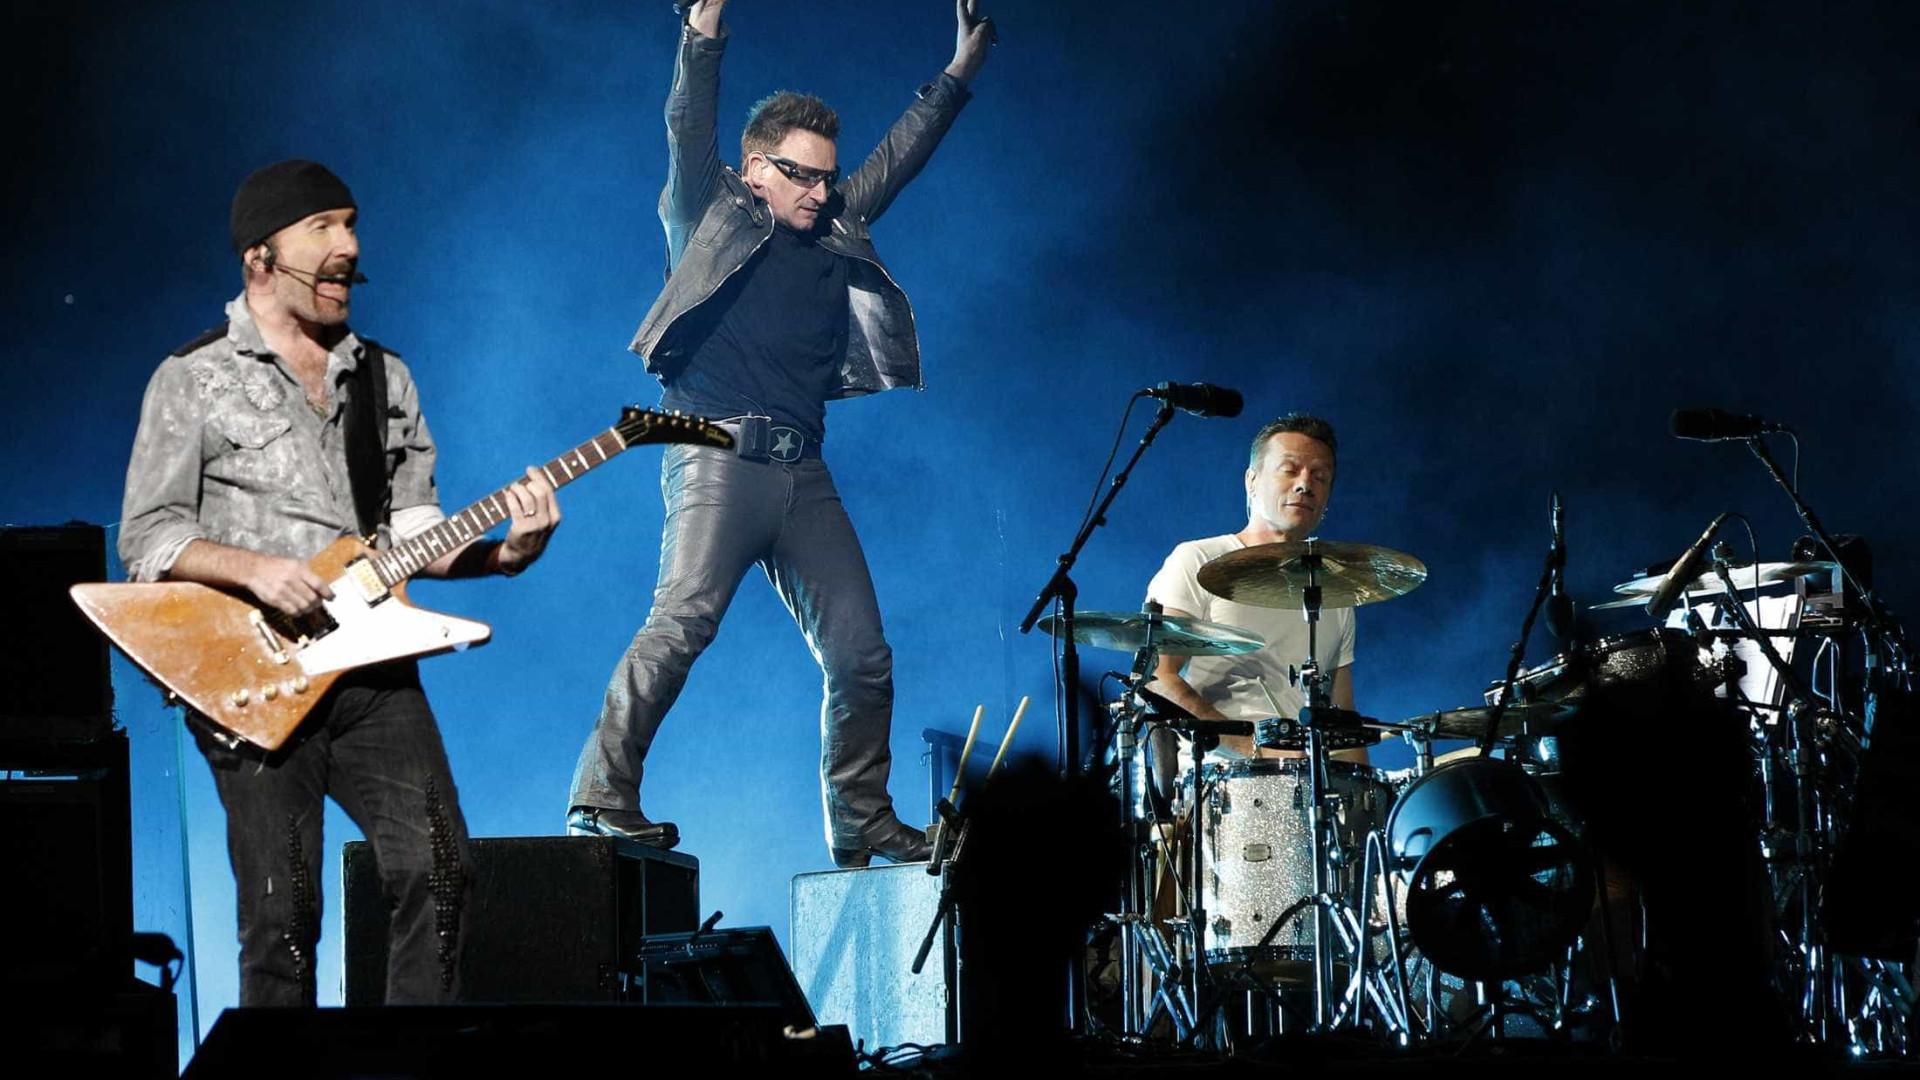 Há mais bilhetes à venda para os concertos dos U2 em Portugal